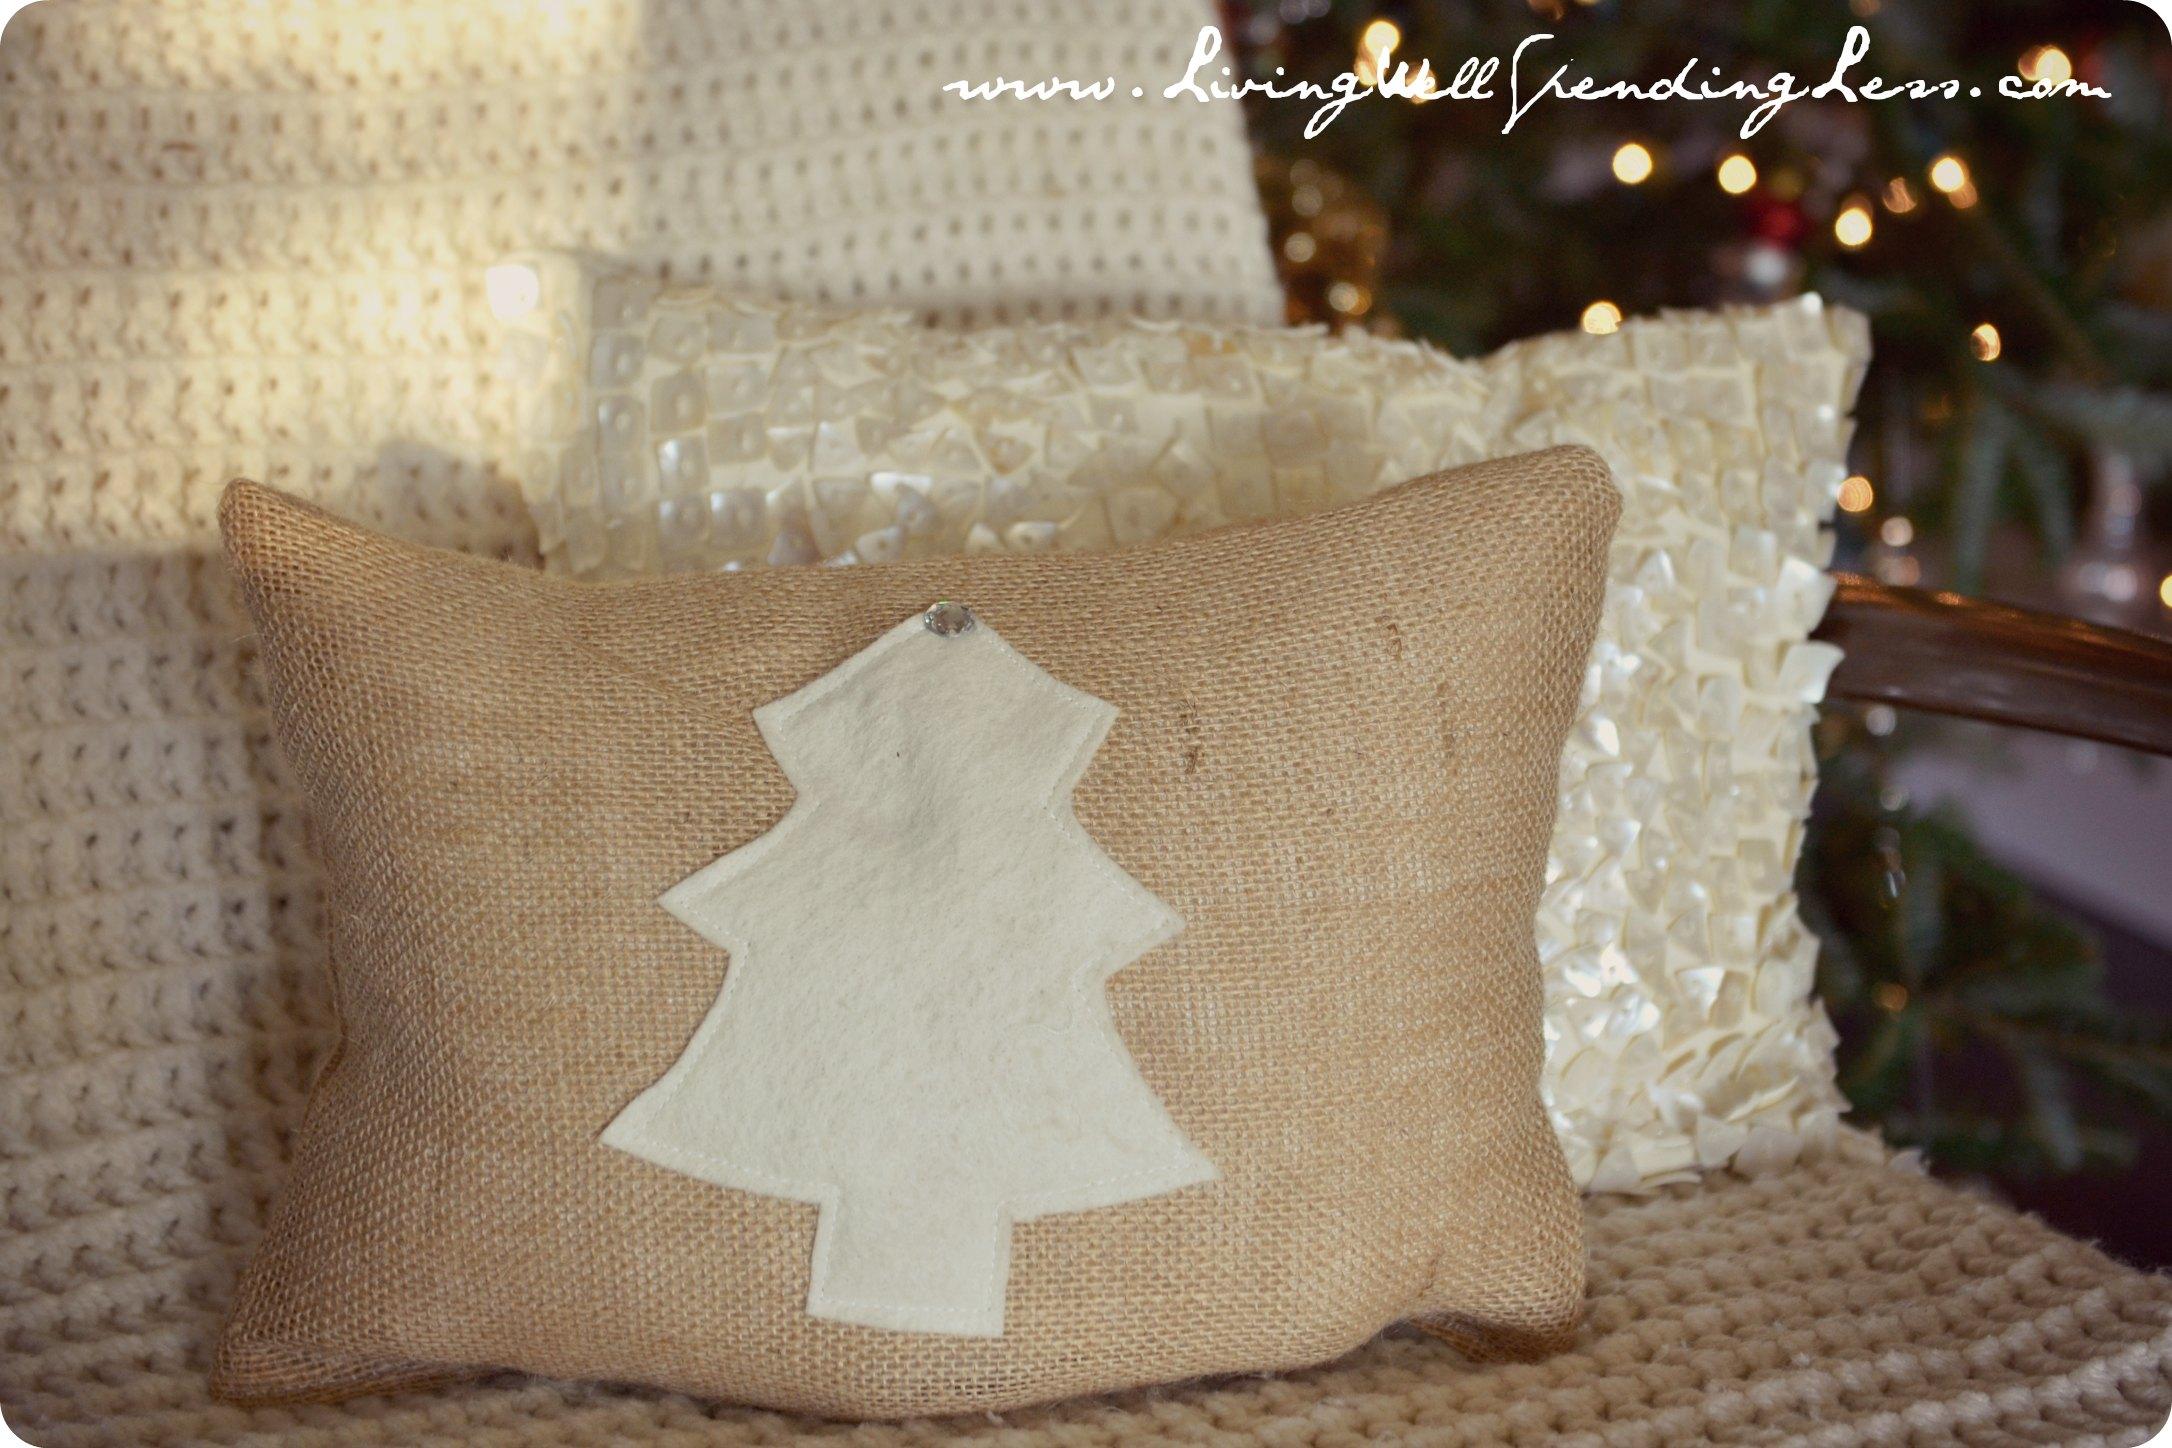 Make A Throw Pillow No Zipper : 30 Minute Burlap Pillow - Living Well Spending Less